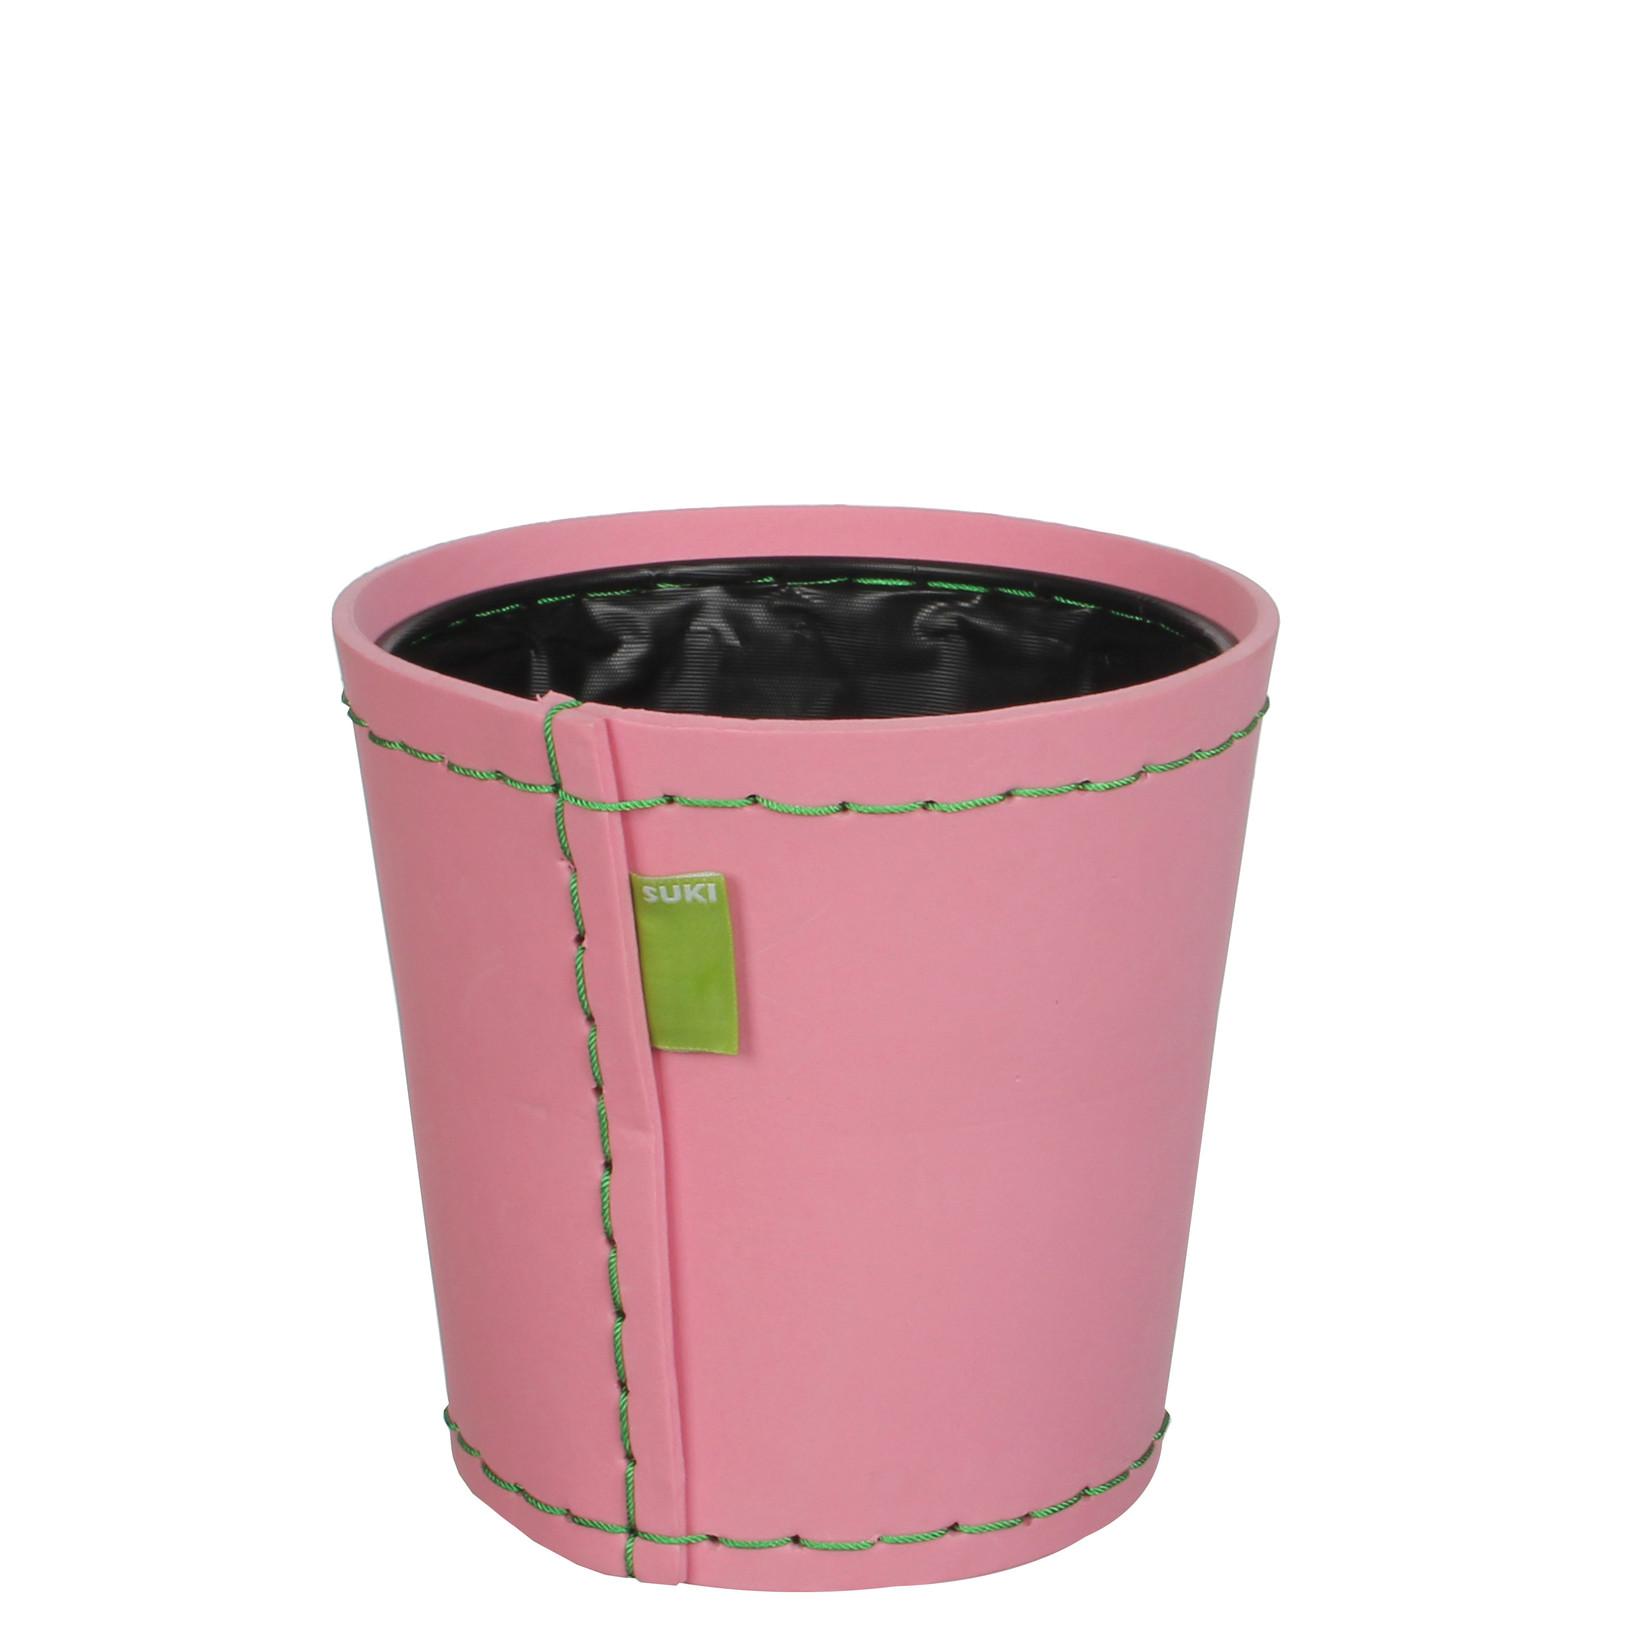 MiCa 152309 Pot around Suki Pink